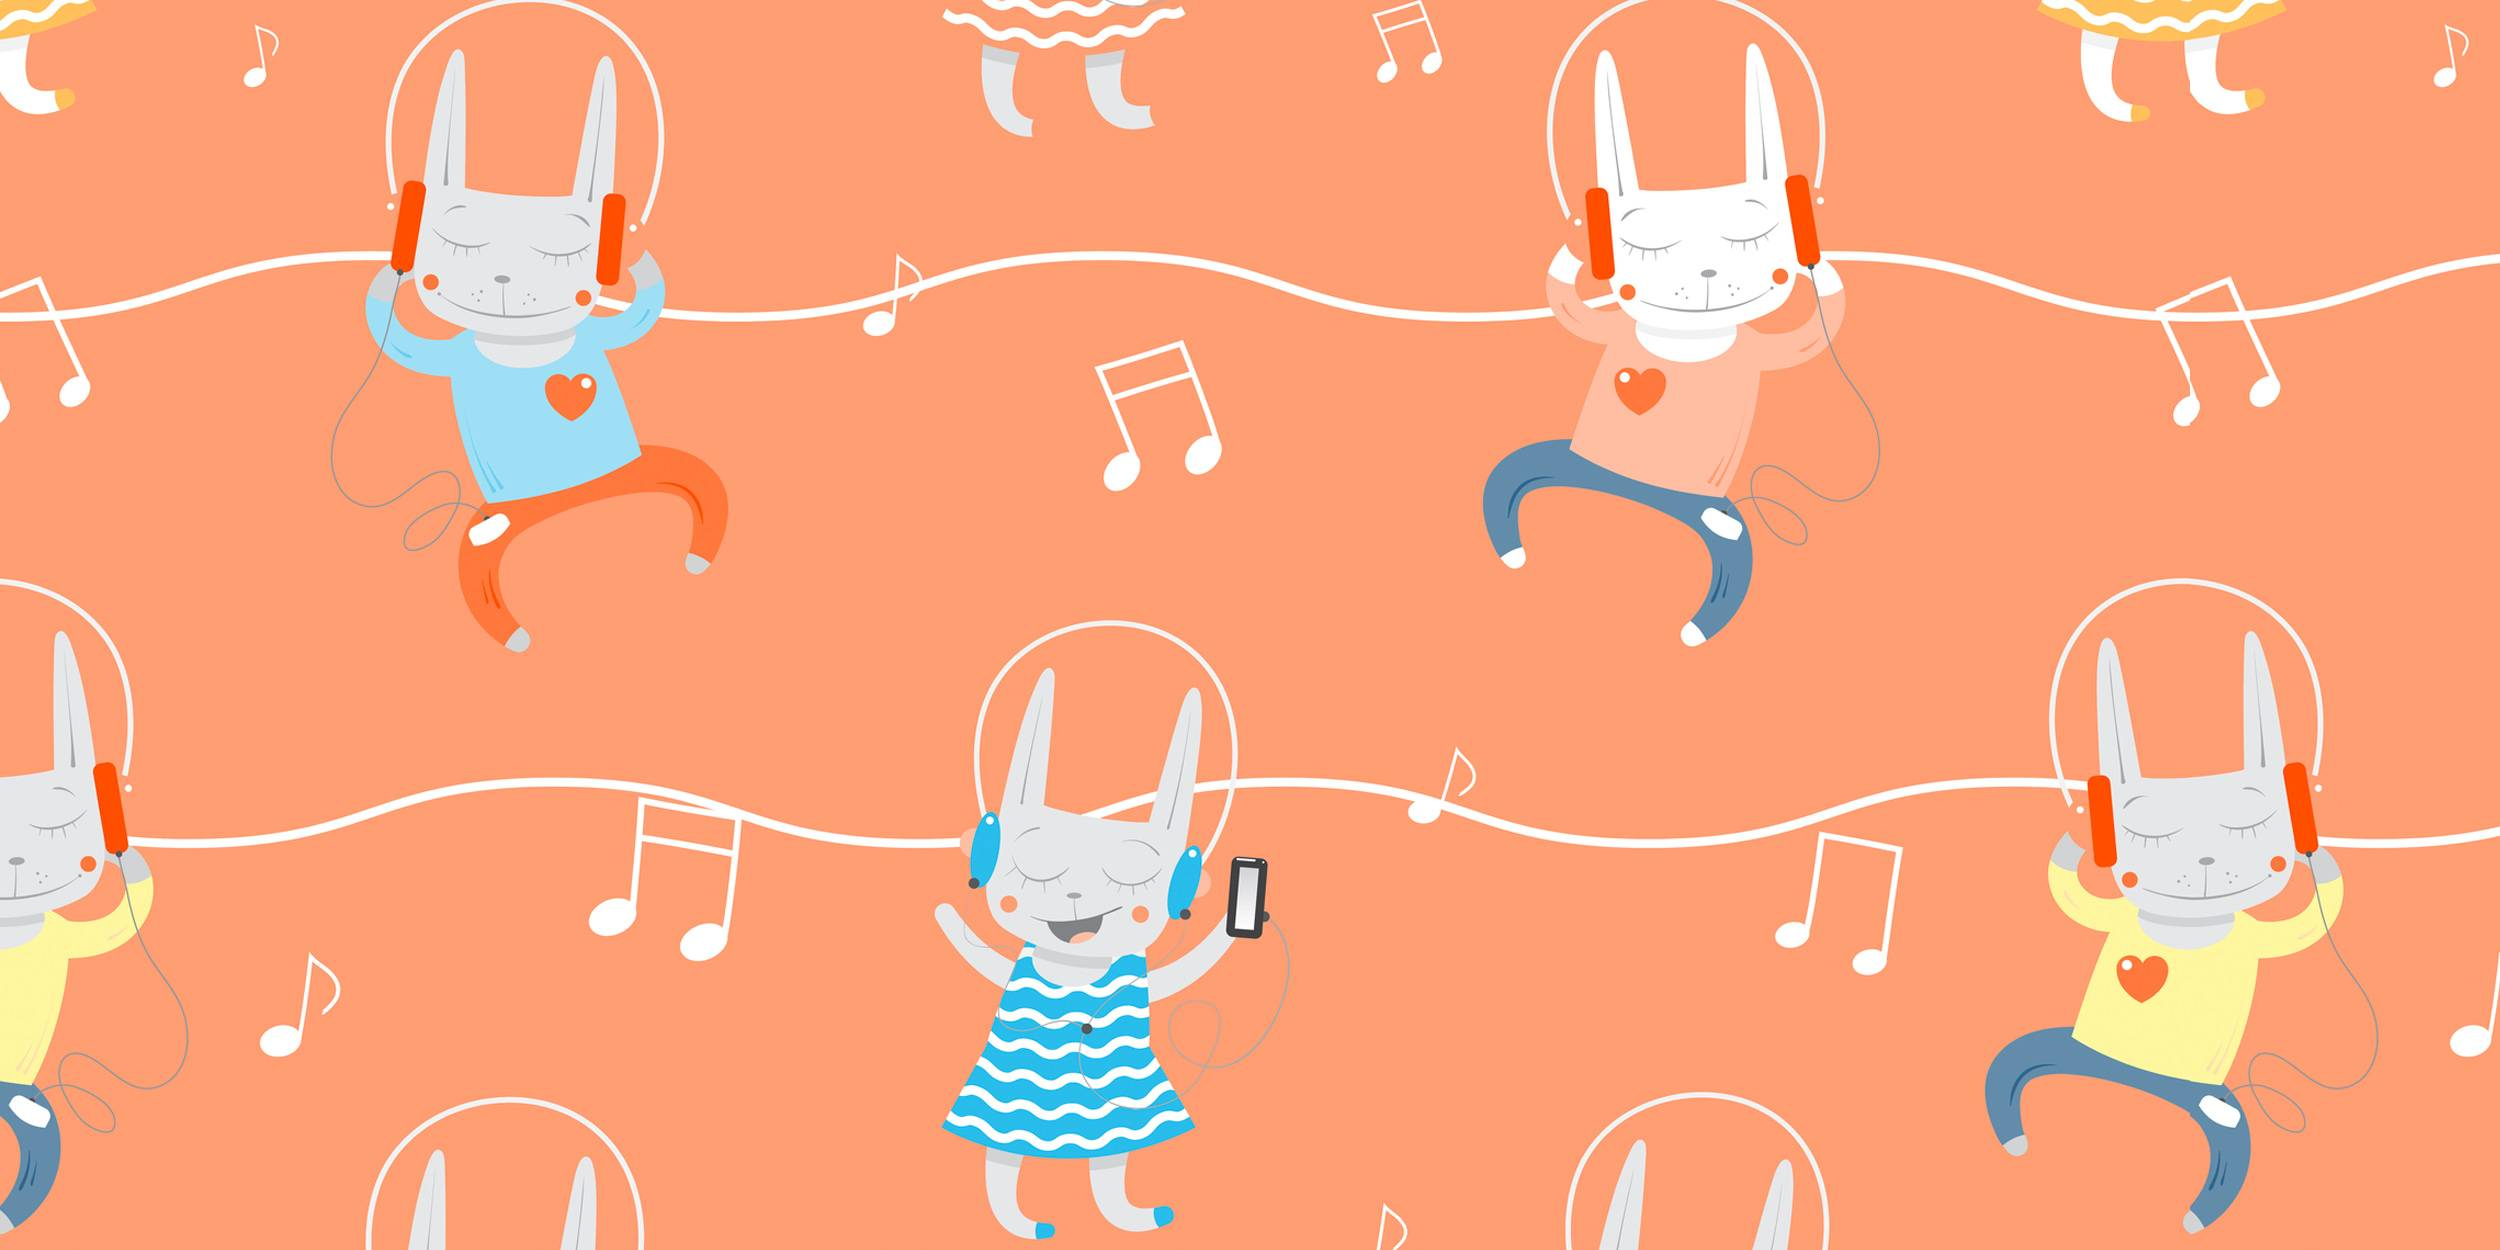 Колыбельные для новорожденных: тексты колыбельных)   колыбельные для новорожденных тексты песен | метки: люли, люленьки, прилетать, гуленька, люли